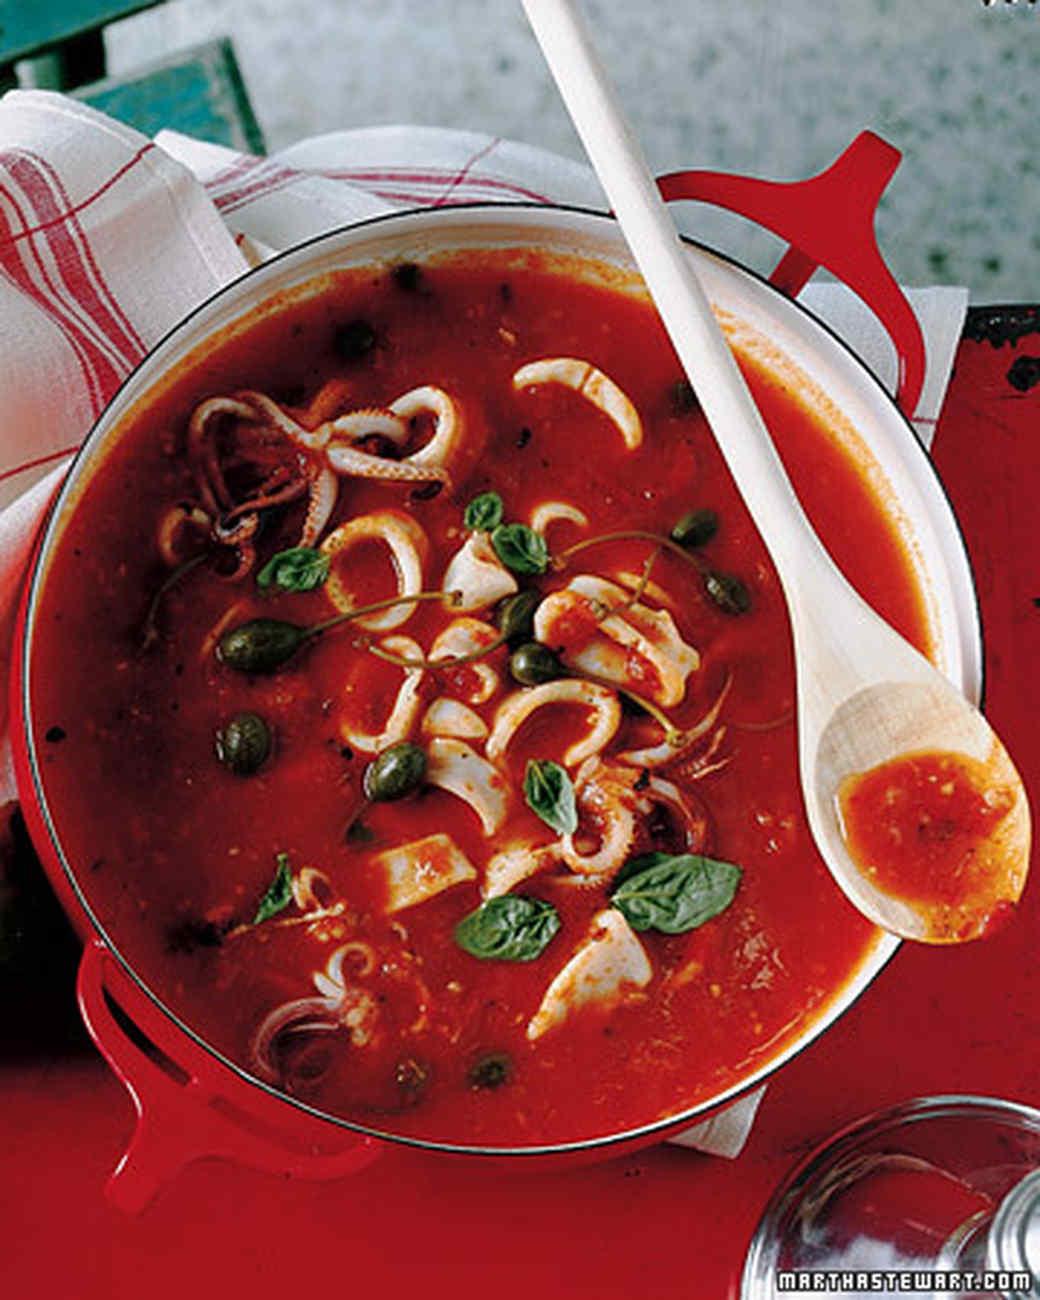 Calamari with Tomatoes, Caper Berries, and Basil